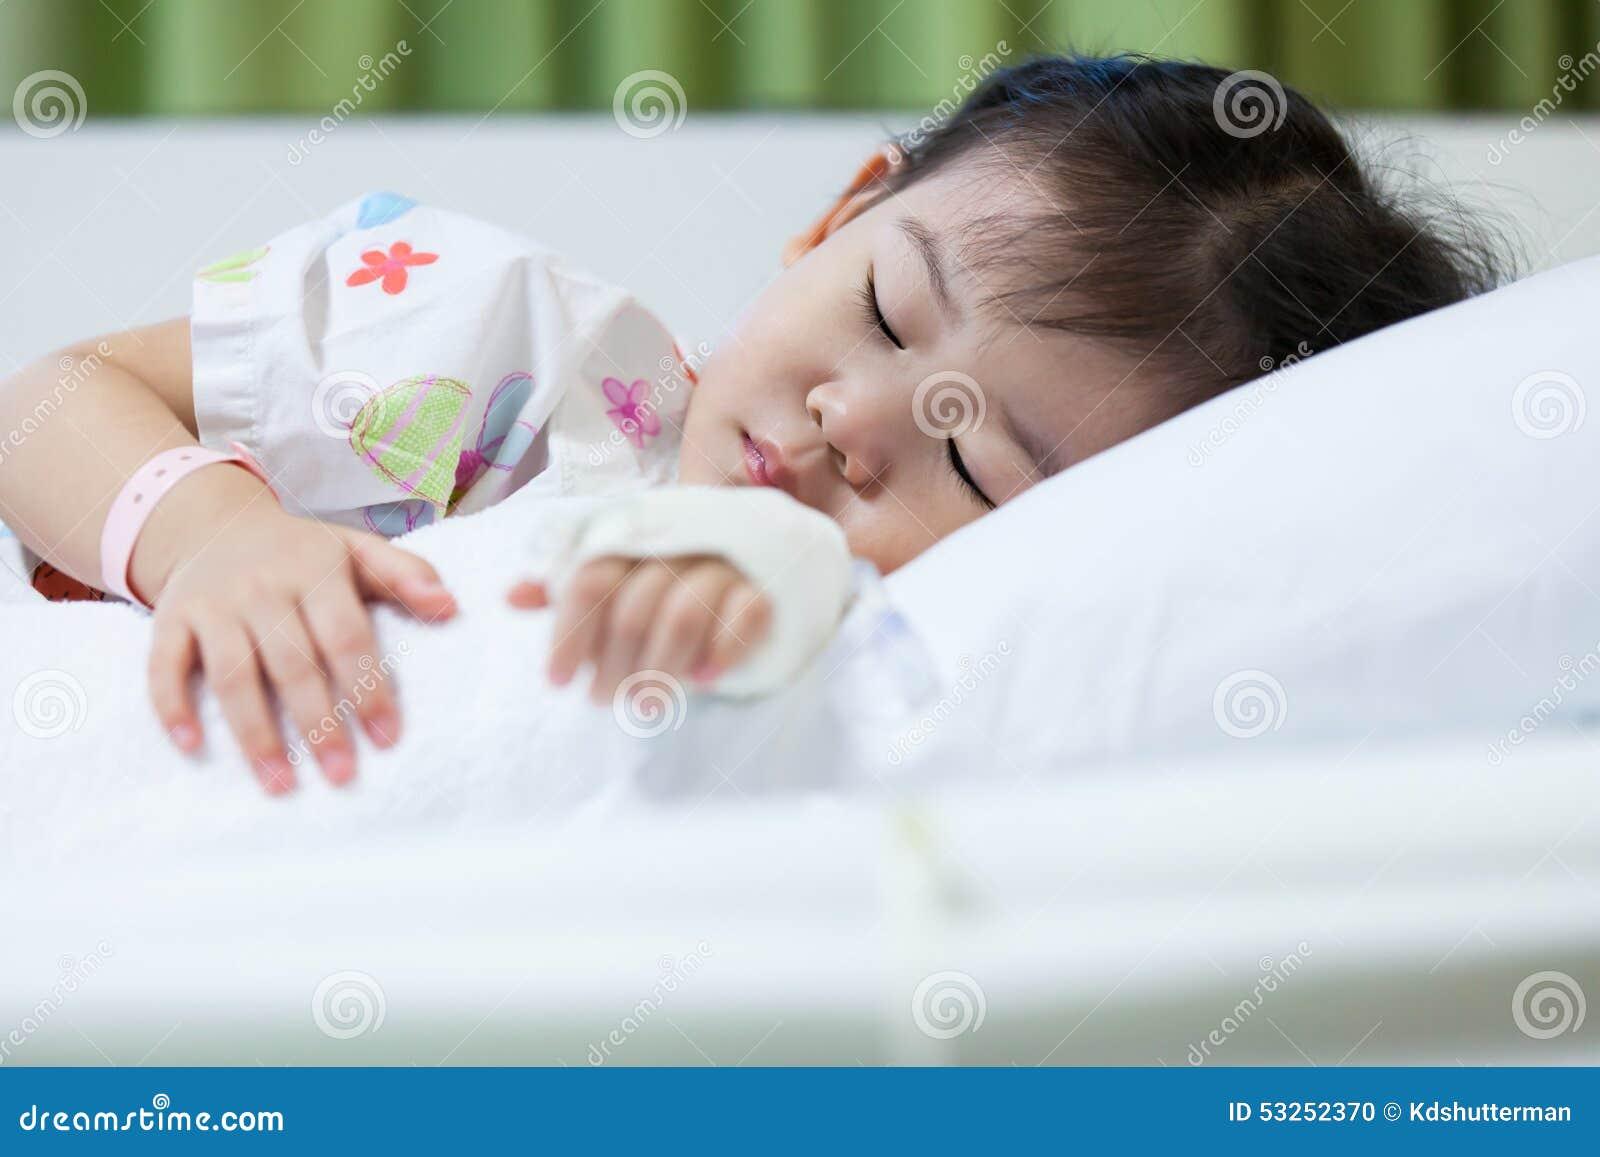 Enfant de maladie dans l hôpital, Asiatique salin de l intravenous (iv) en main